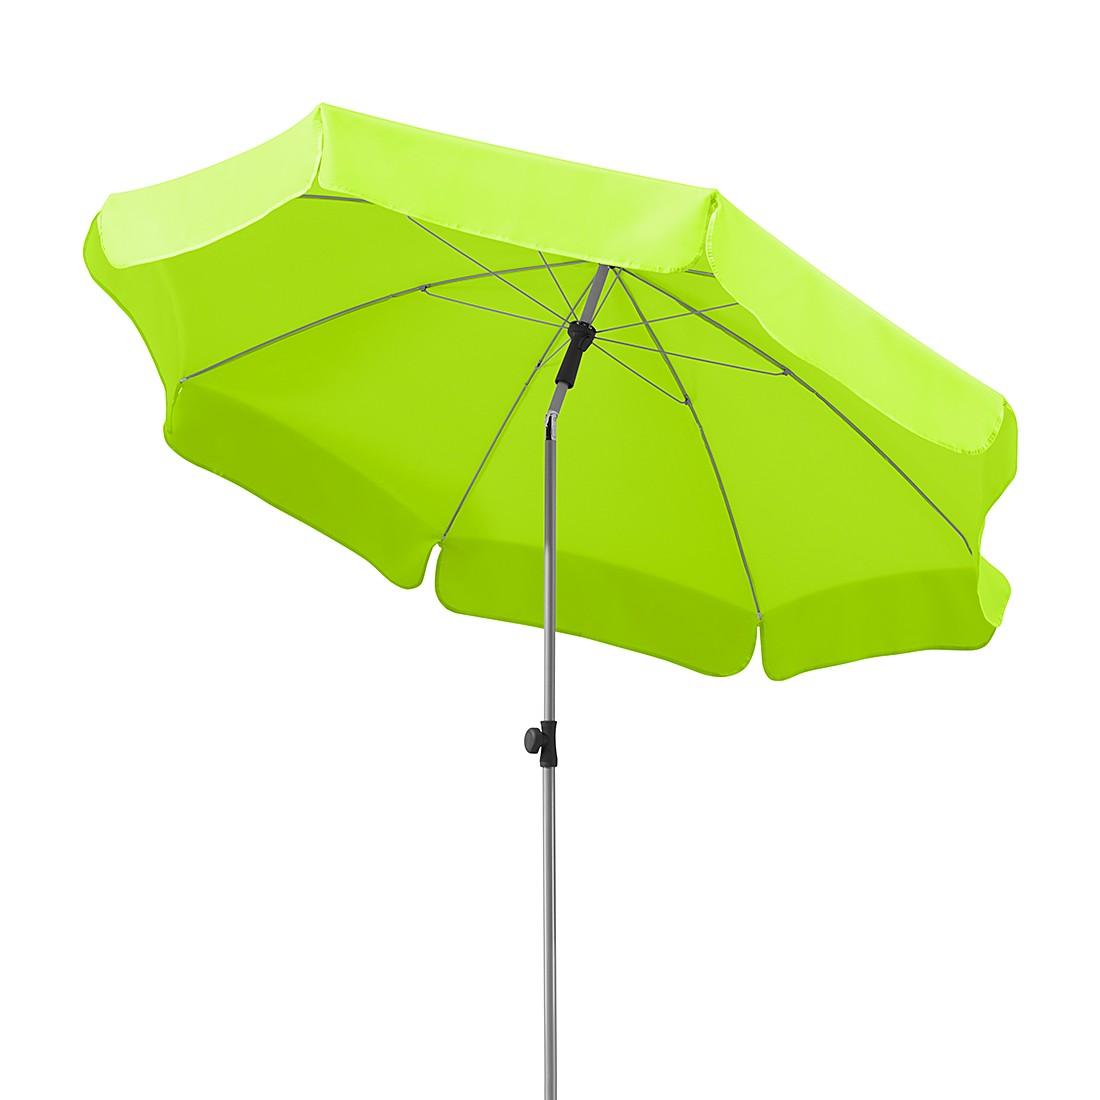 Lugano 200 Sonnenschirm - Stahl/Polyester - Silber/ Apfelgrün, Schneider Schirme